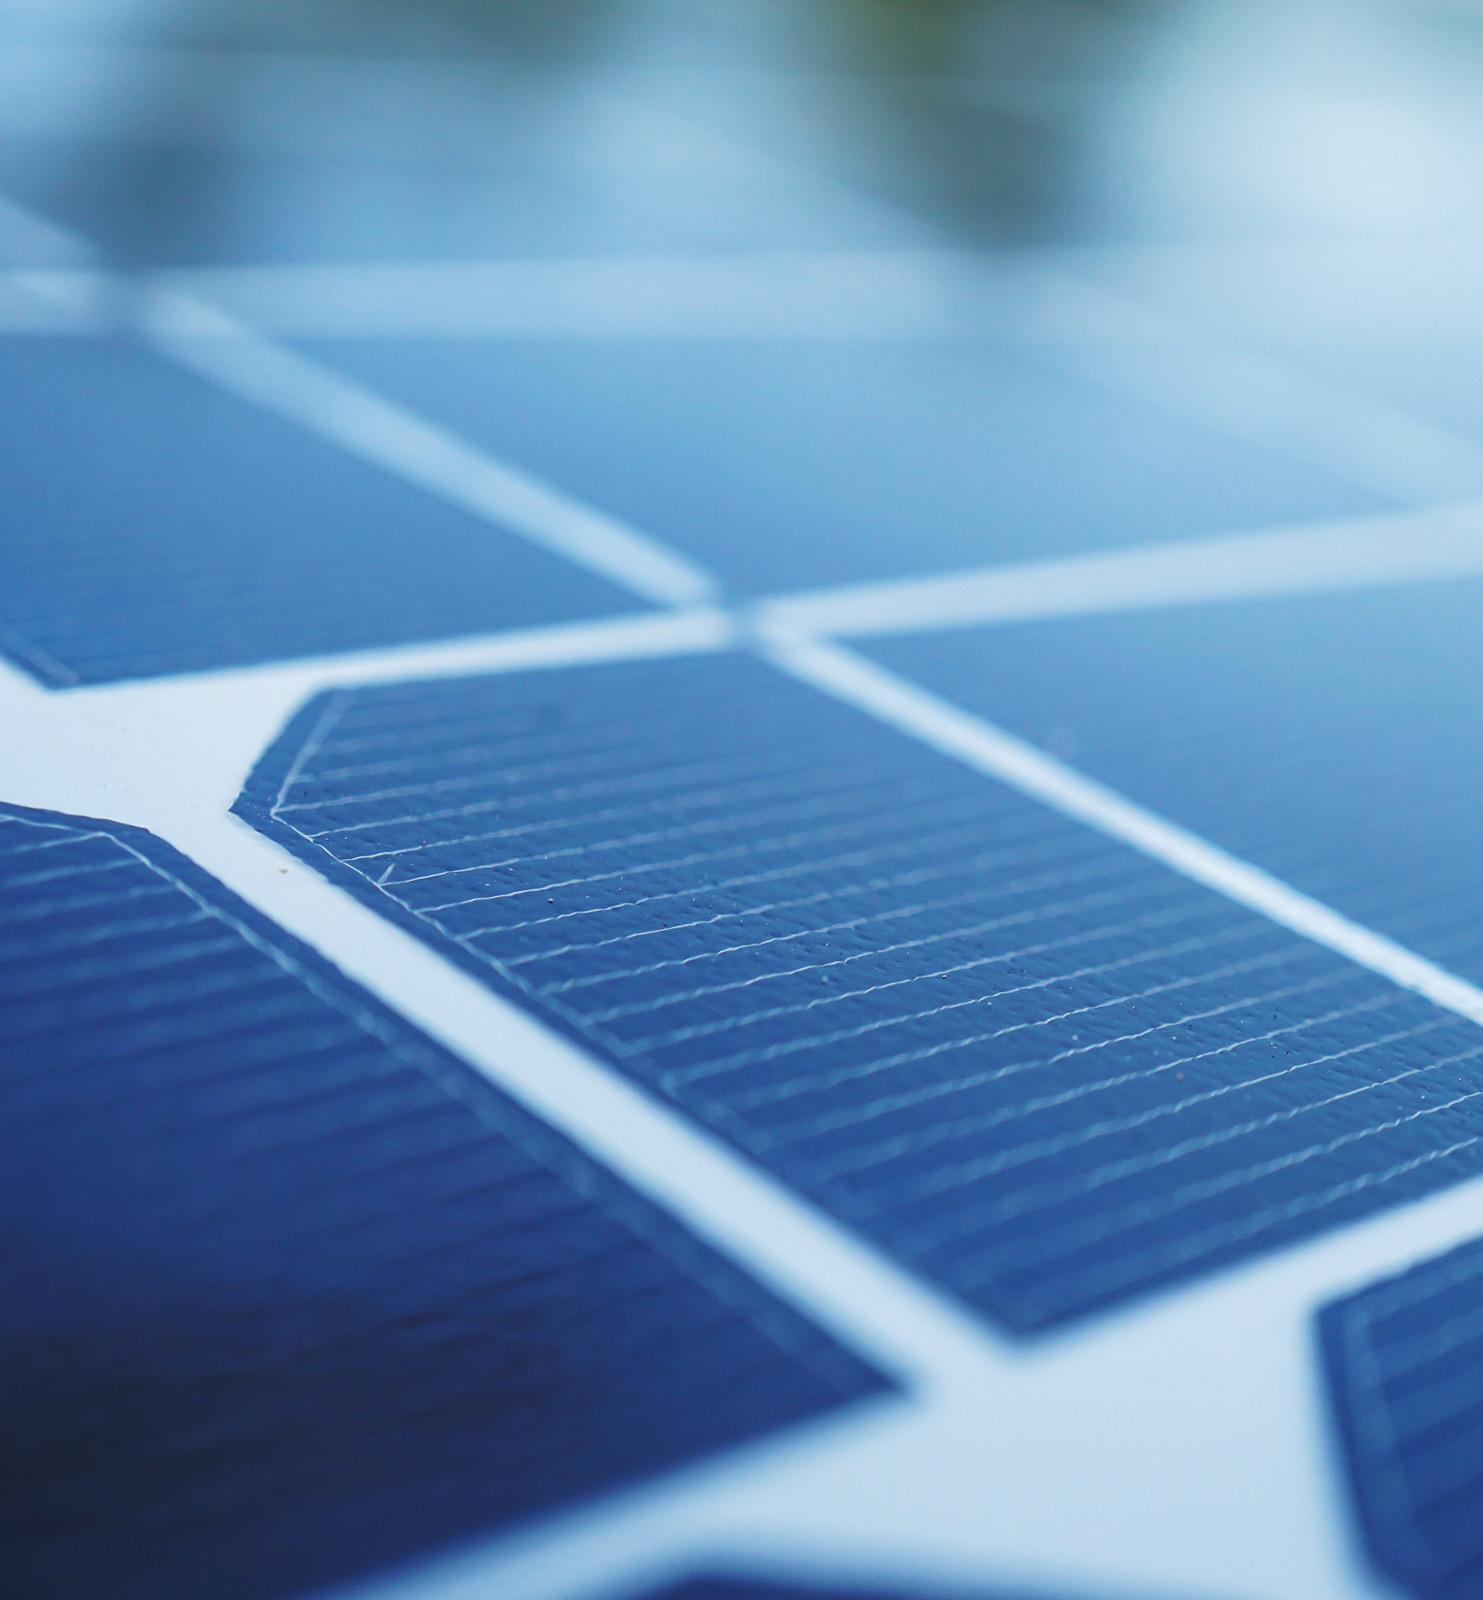 Solarindustrie, Photovoltaikindustrie